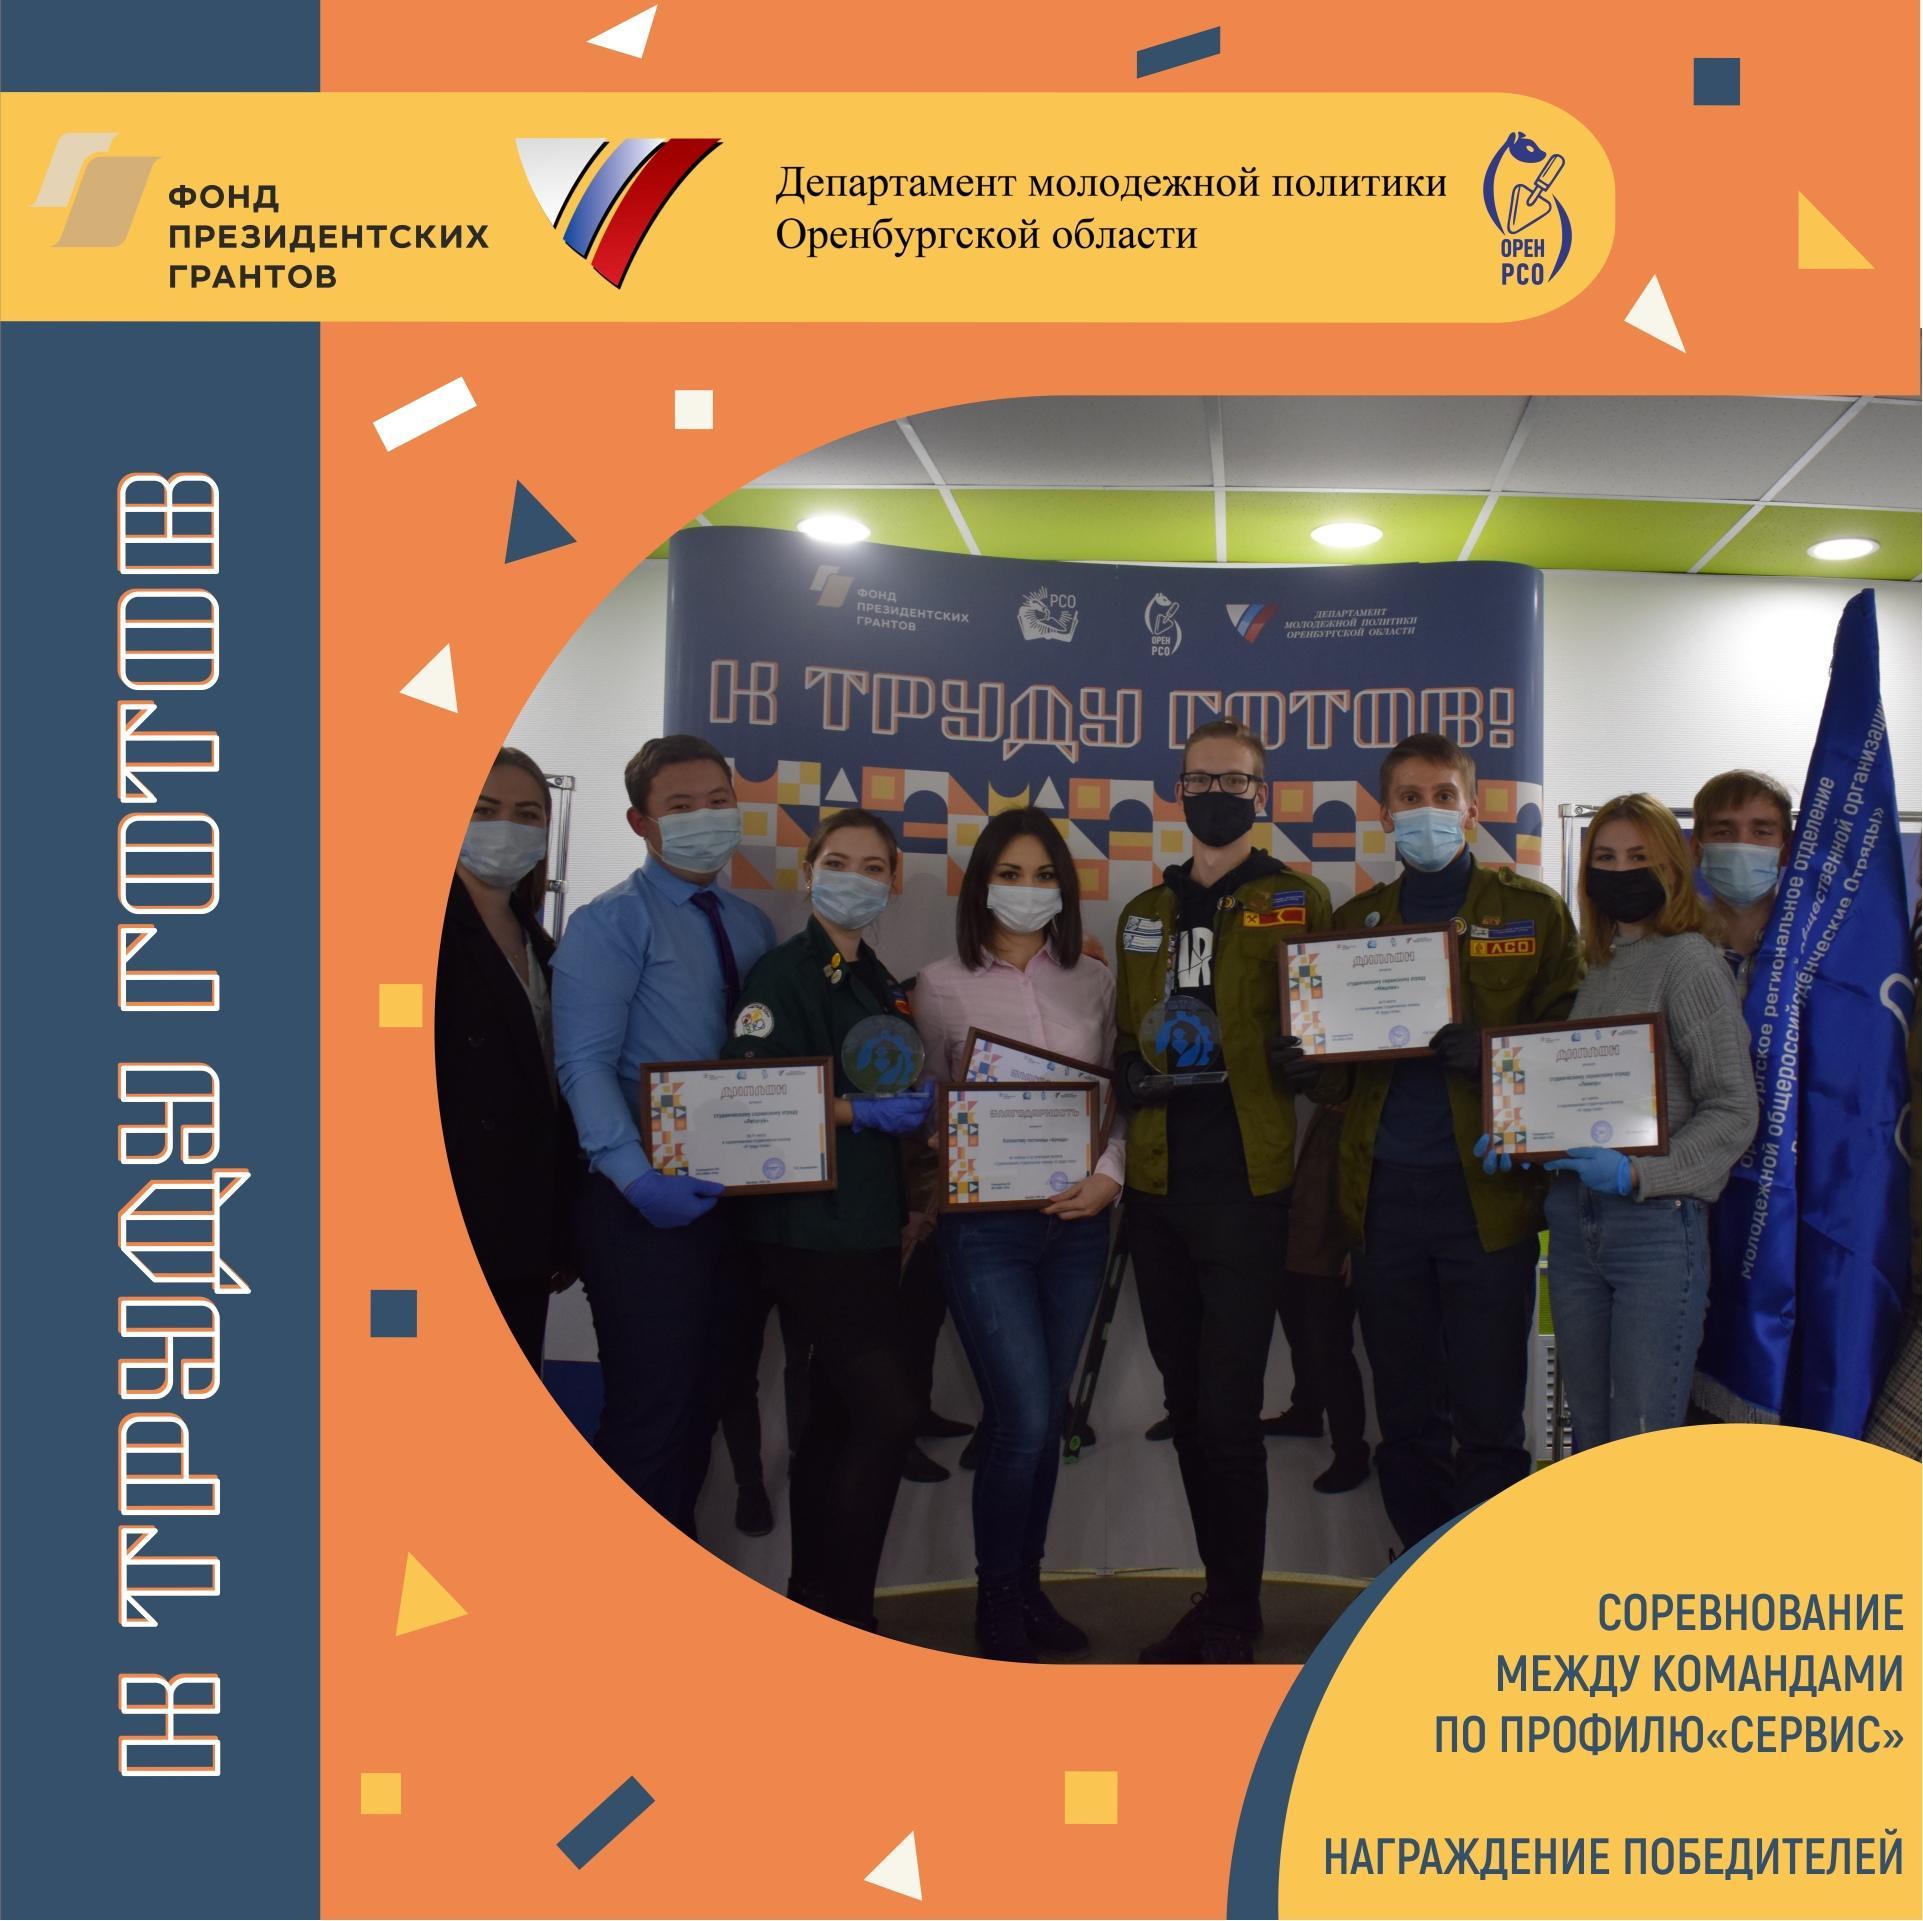 Подвели итоги соревнований студенческих команд «К труду готов» по профилю «Сервис»